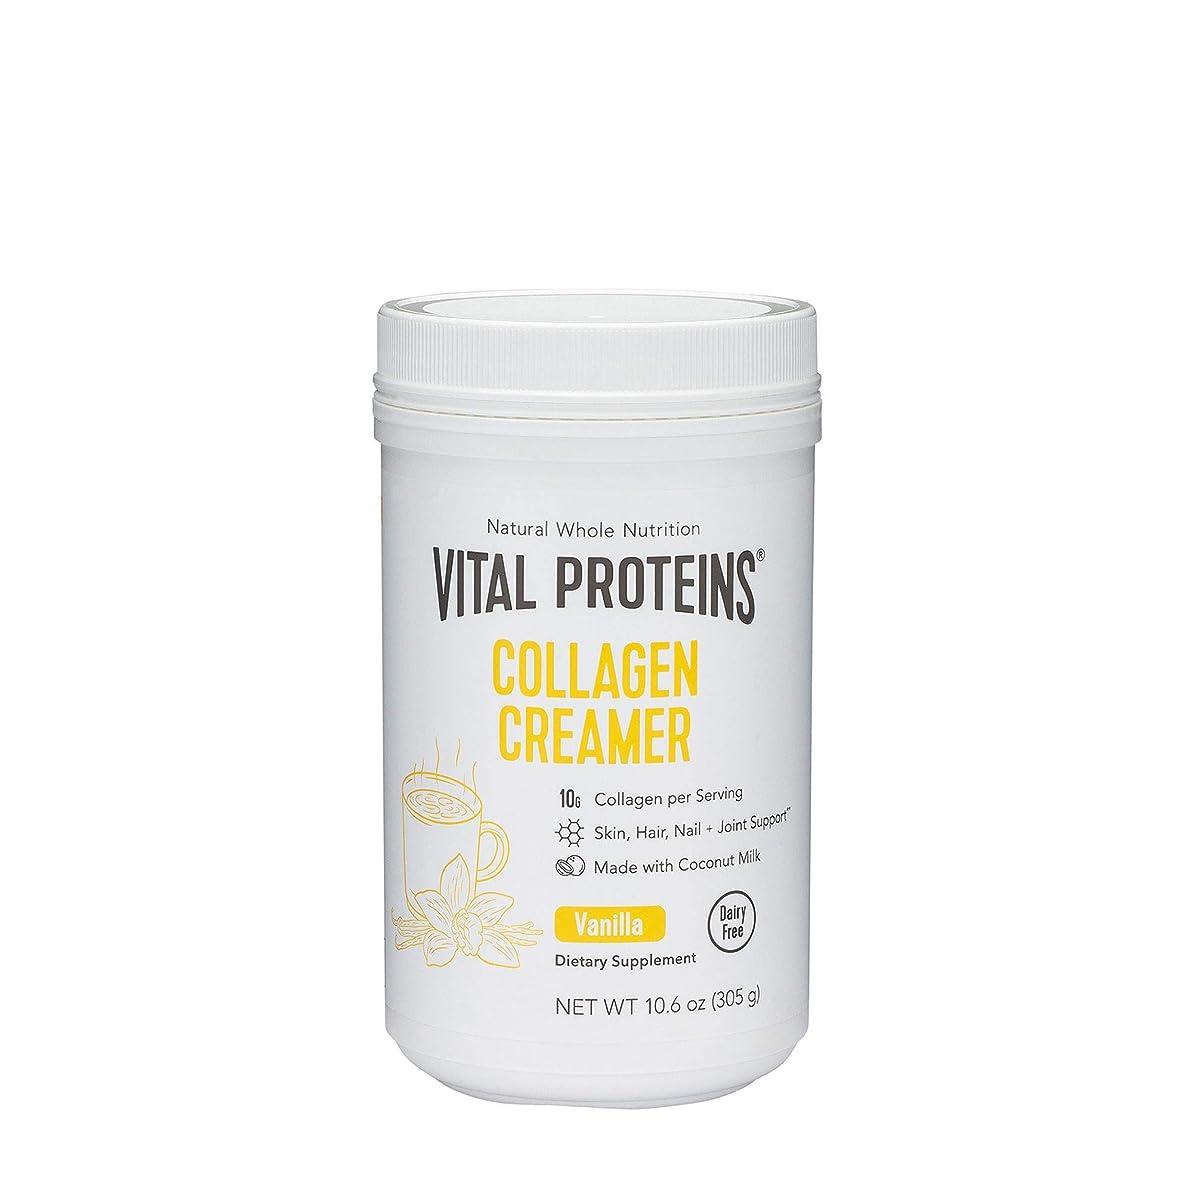 ほかにフルート時計プロテイン Vital Proteins Collagen Creamer 10.3 oz 293 g バニラ